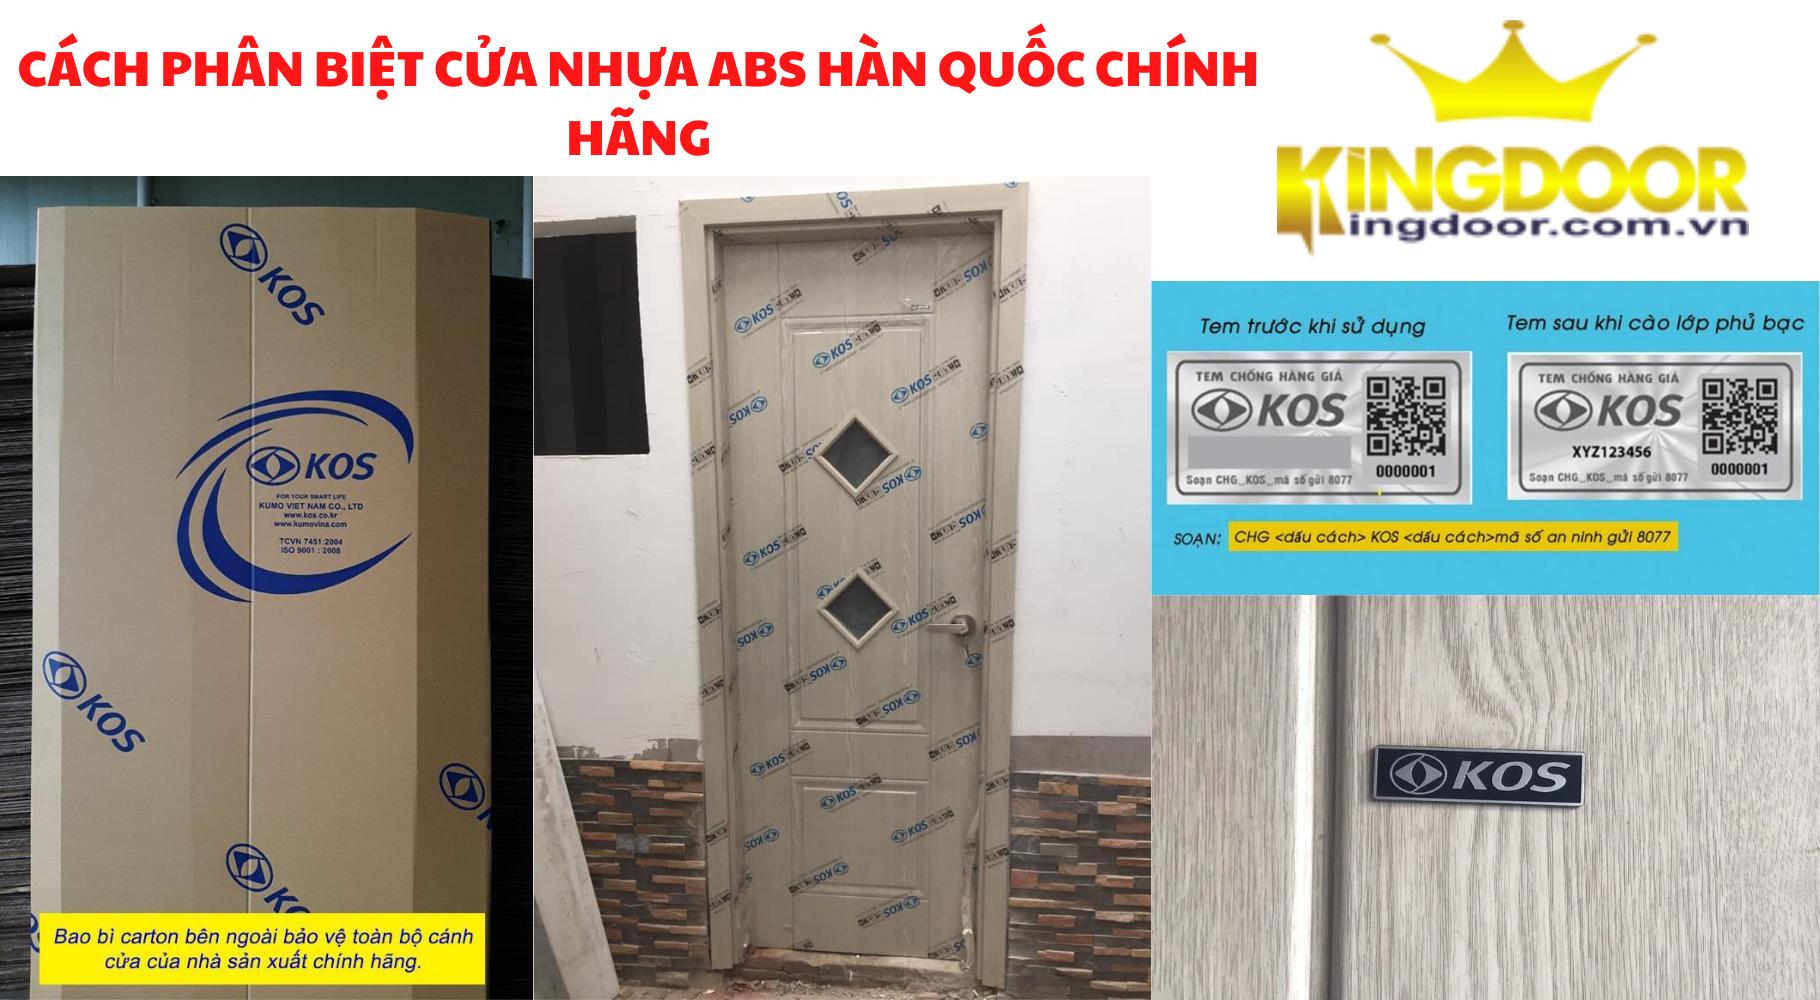 Báo giá cửa nhựa Abs Hàn Quốc mới nhất 2021 tại Nha Trang